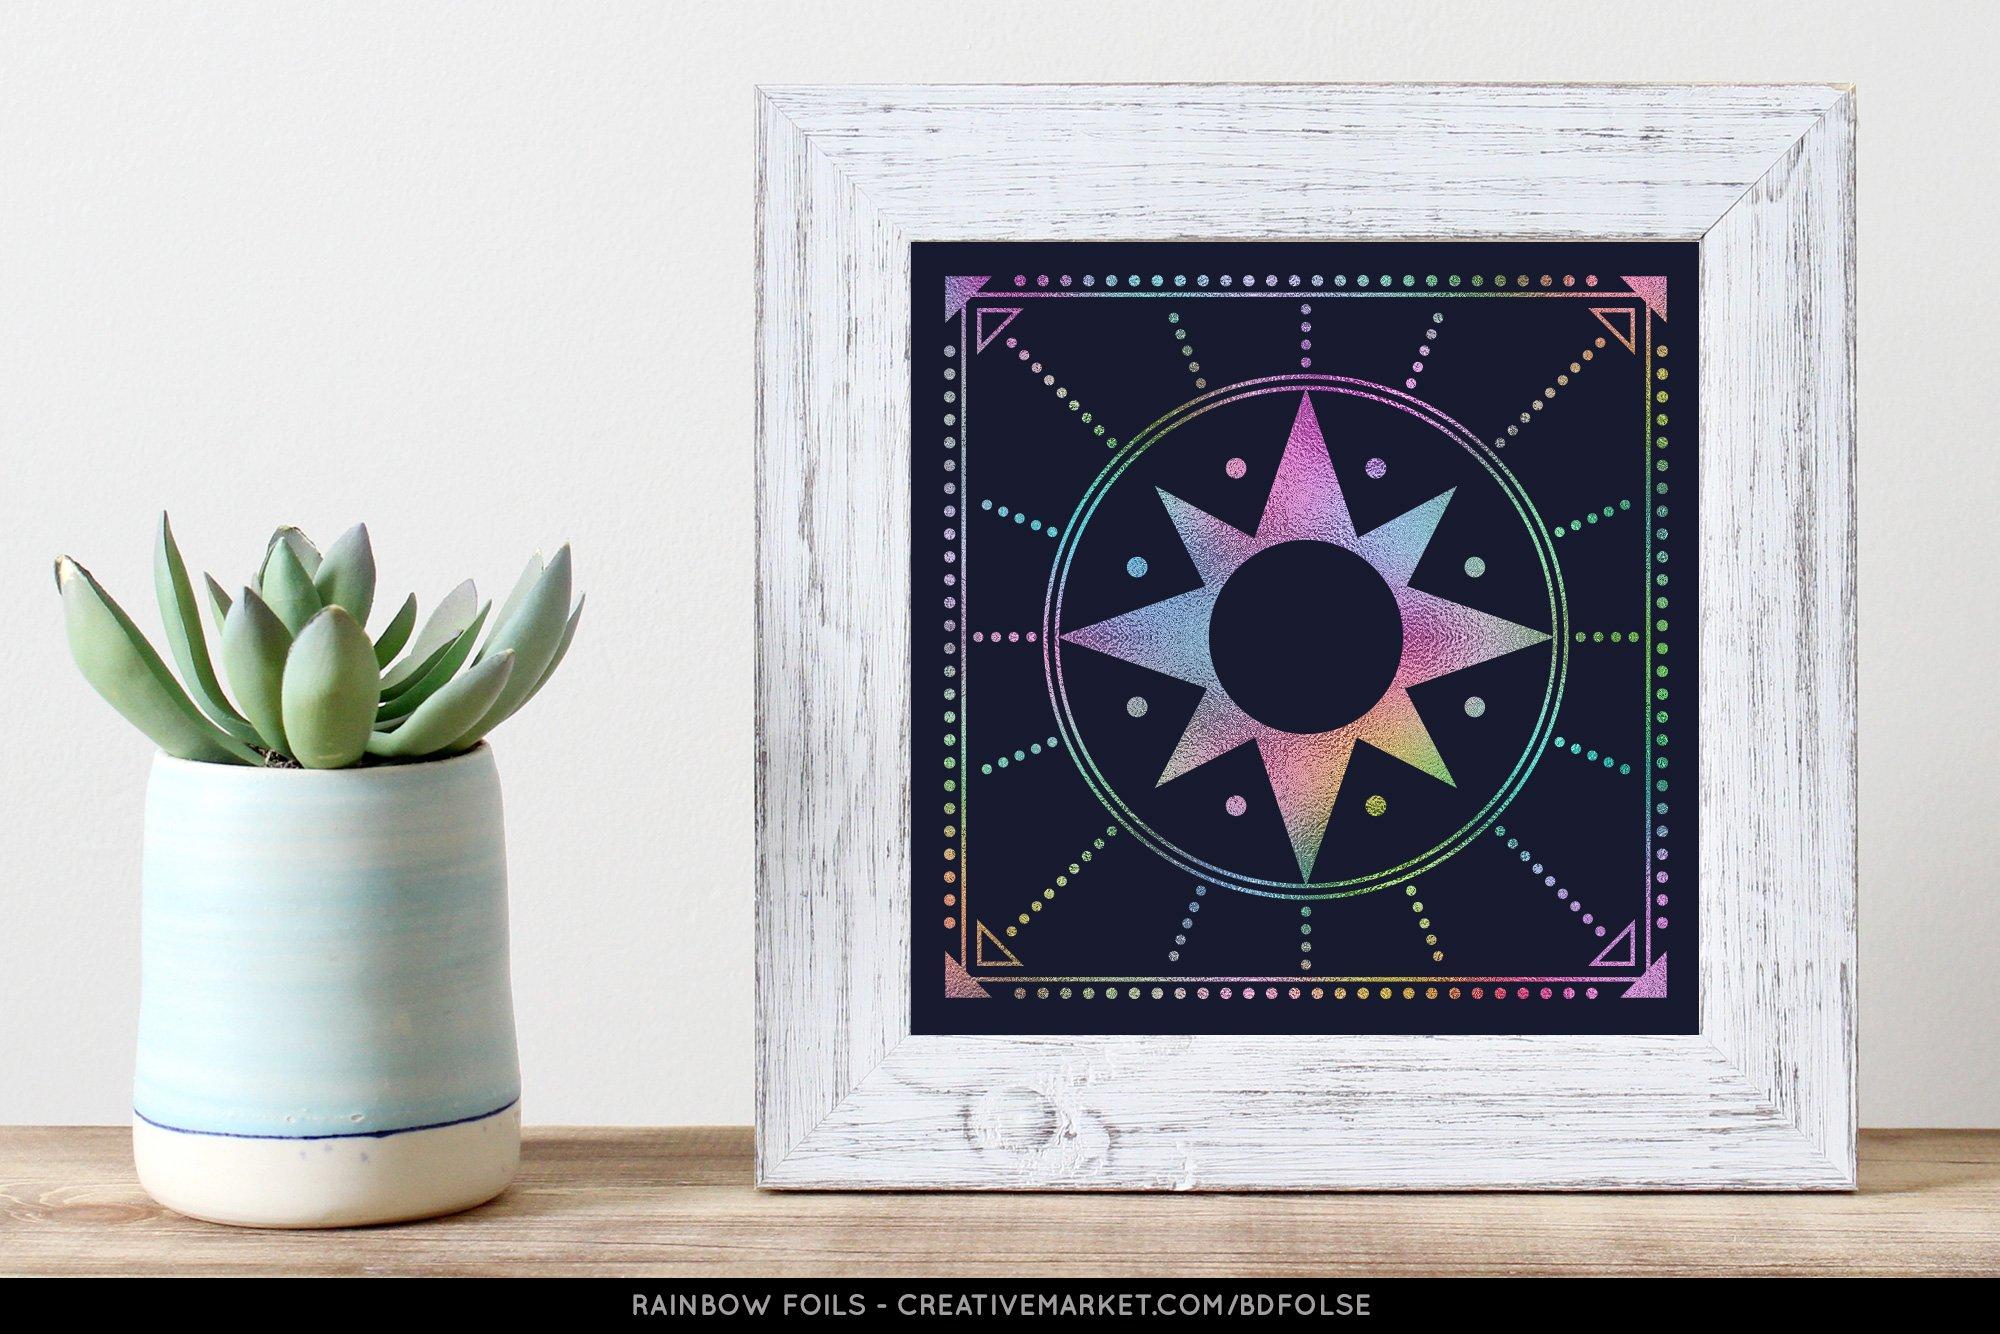 76款无缝隙炫彩虹彩箔纸海报背景图片设计素材 76 Rainbow Foils插图1